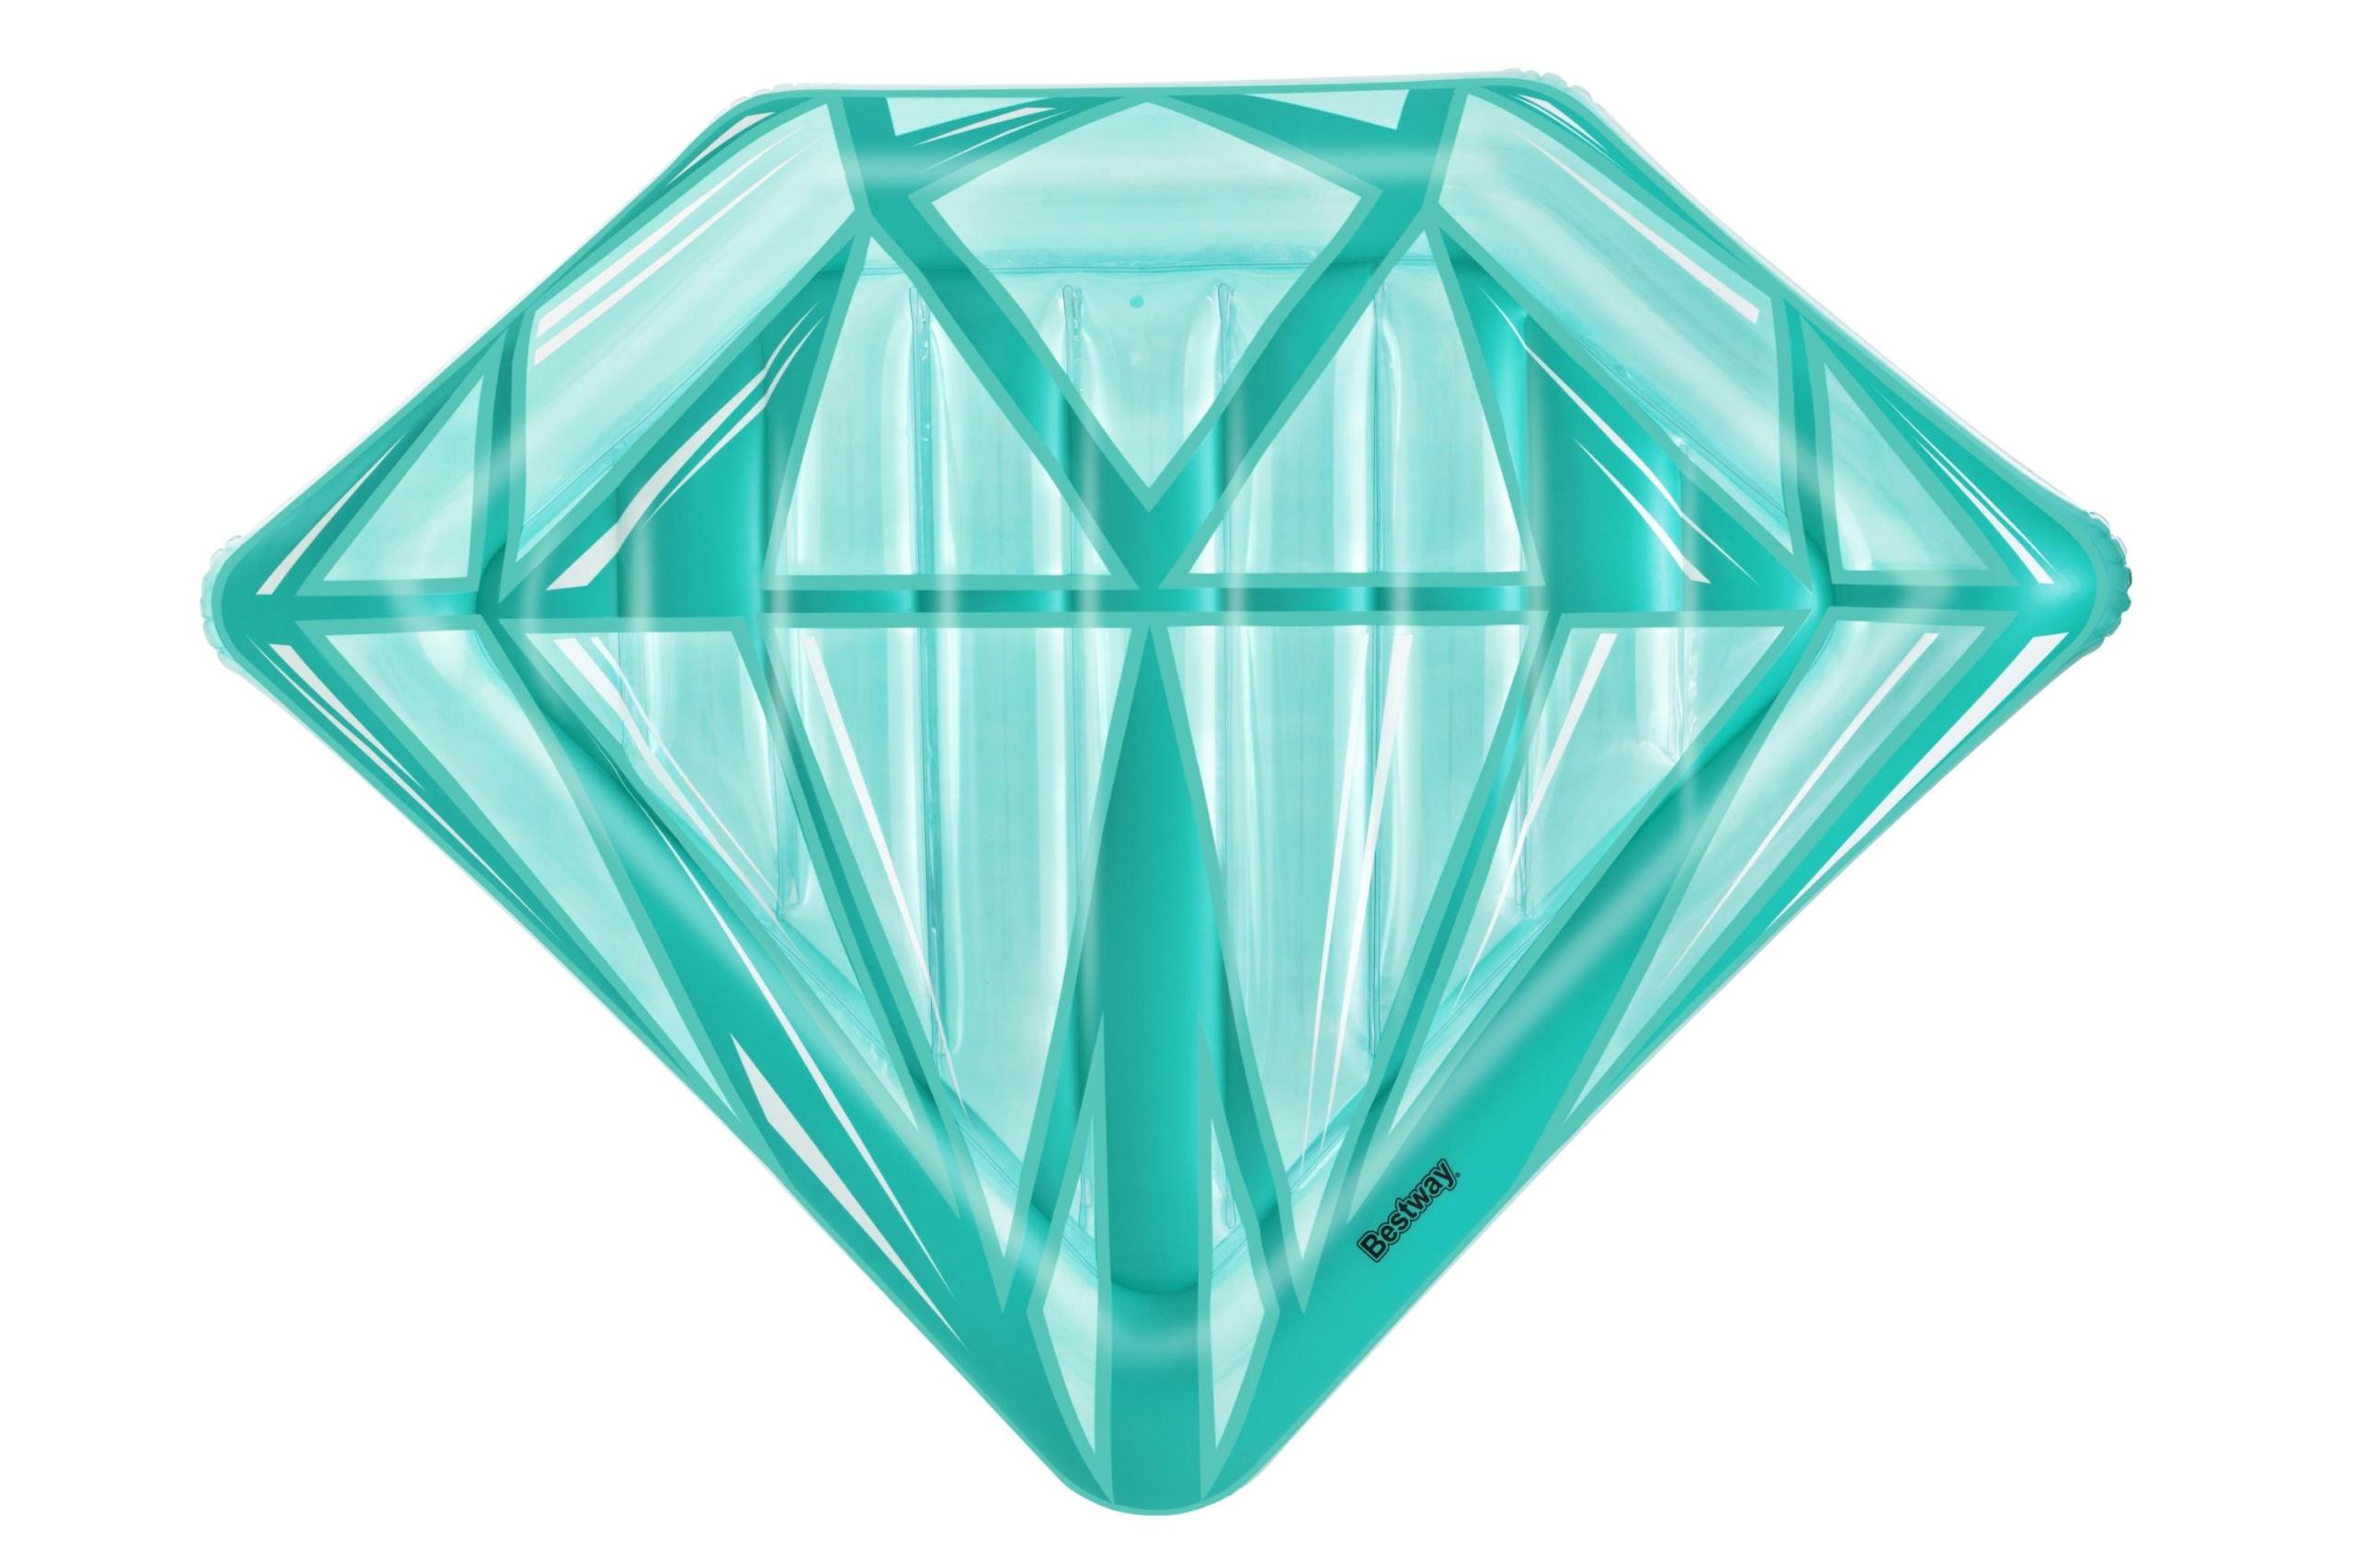 DMUCHANY MATERAC diament DO PŁYWANIA na BASEN 1,93 Płeć kobieta mężczyzna dziewczynka chłopiec